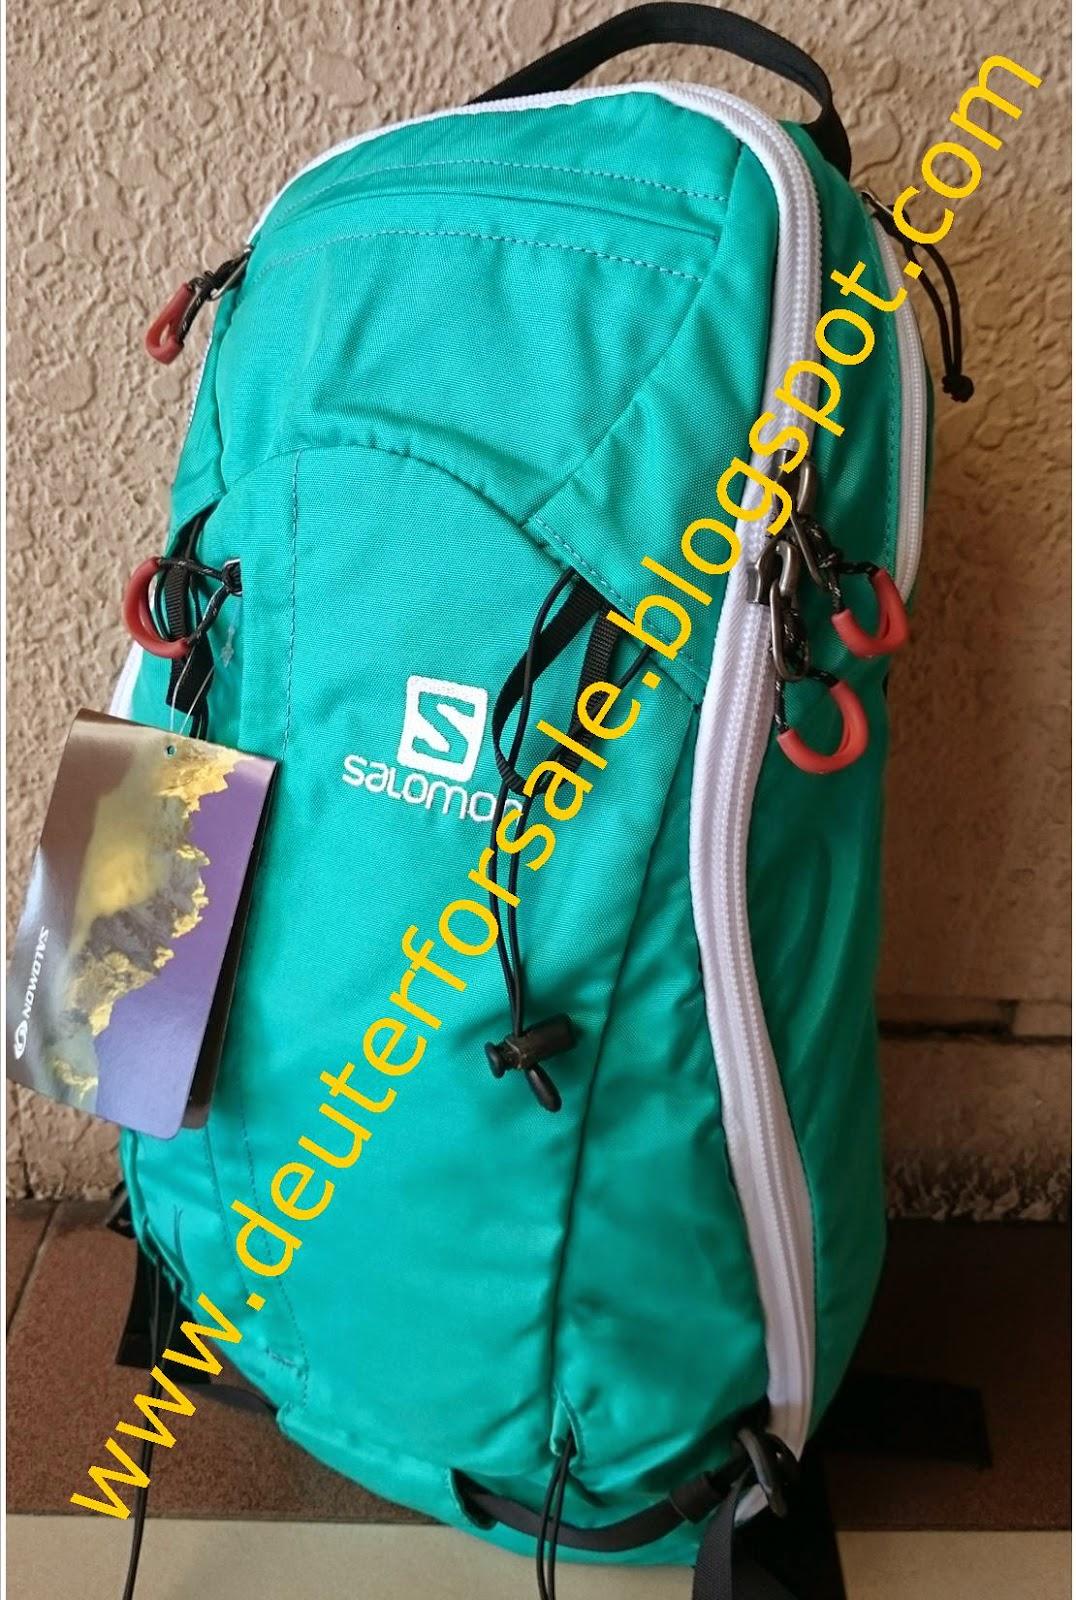 http://deuterforsale.blogspot.com/2009/04/salomon.html